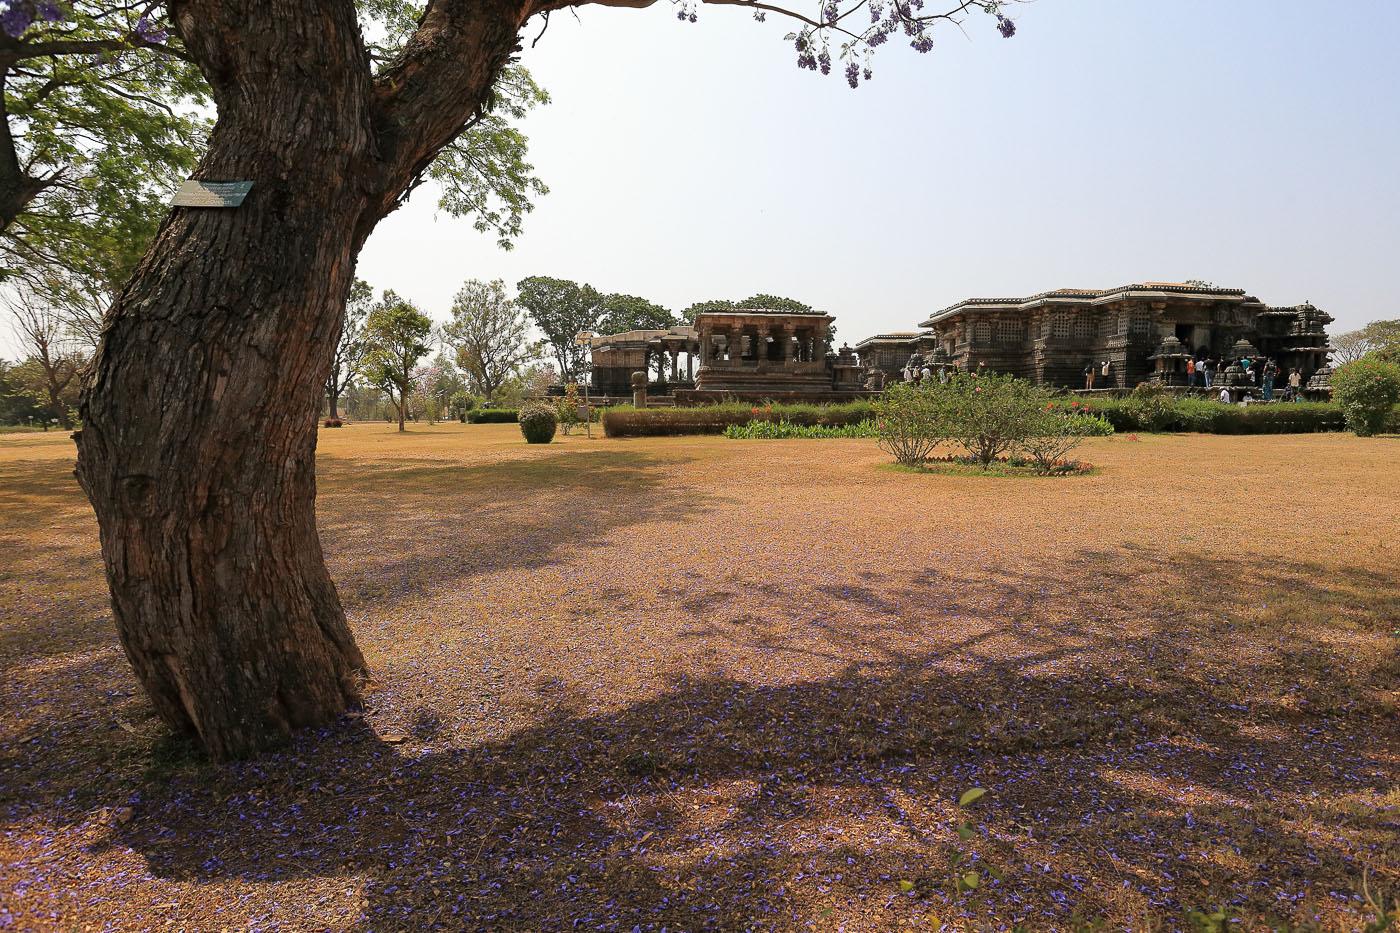 Фотография №2. Hoysaleshwara Temple. Один из фасадов от фиалкового дерева. Отзывы об отдыхе в Индии. Камера Canon EOS 6D, объектив Canon 17-40, параметры съемки: 1/1000, 0 eV, f 6.3, 17 mm, ISO 640